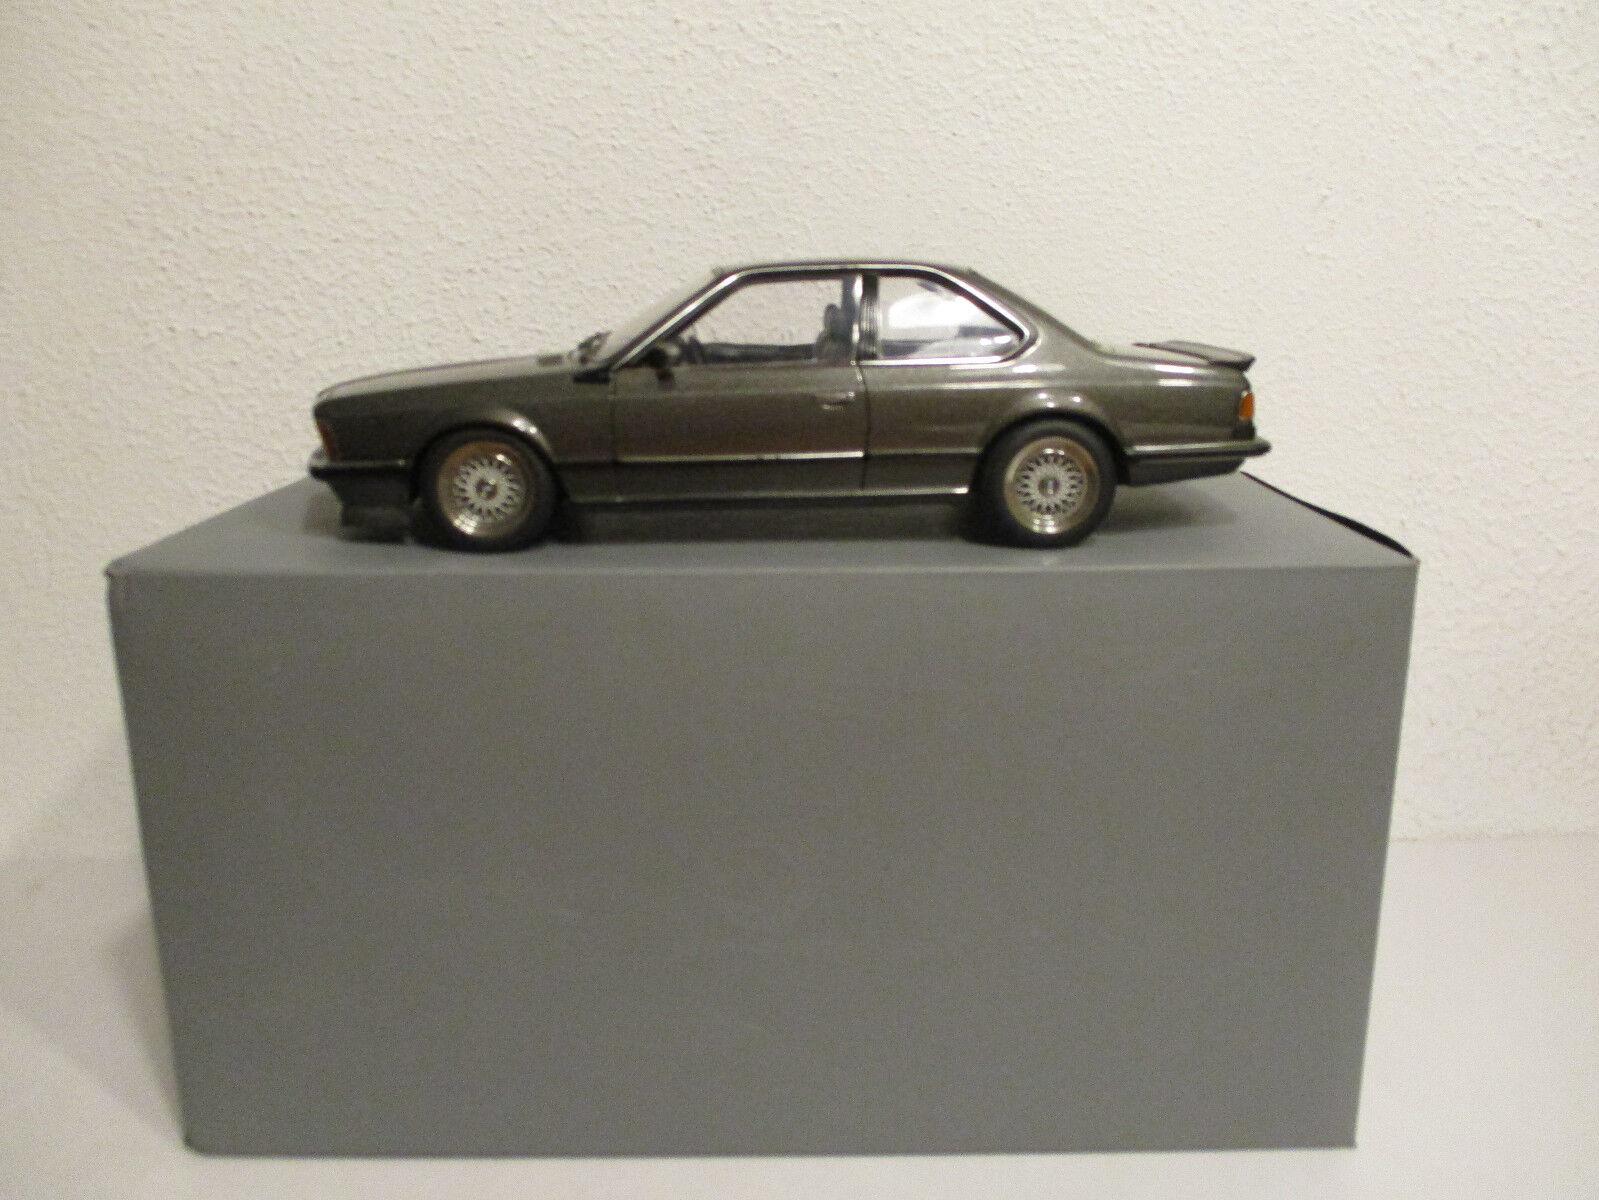 (Gol) 1 18 Autoart BMW m635 CSI NEUF neuf dans sa boîte